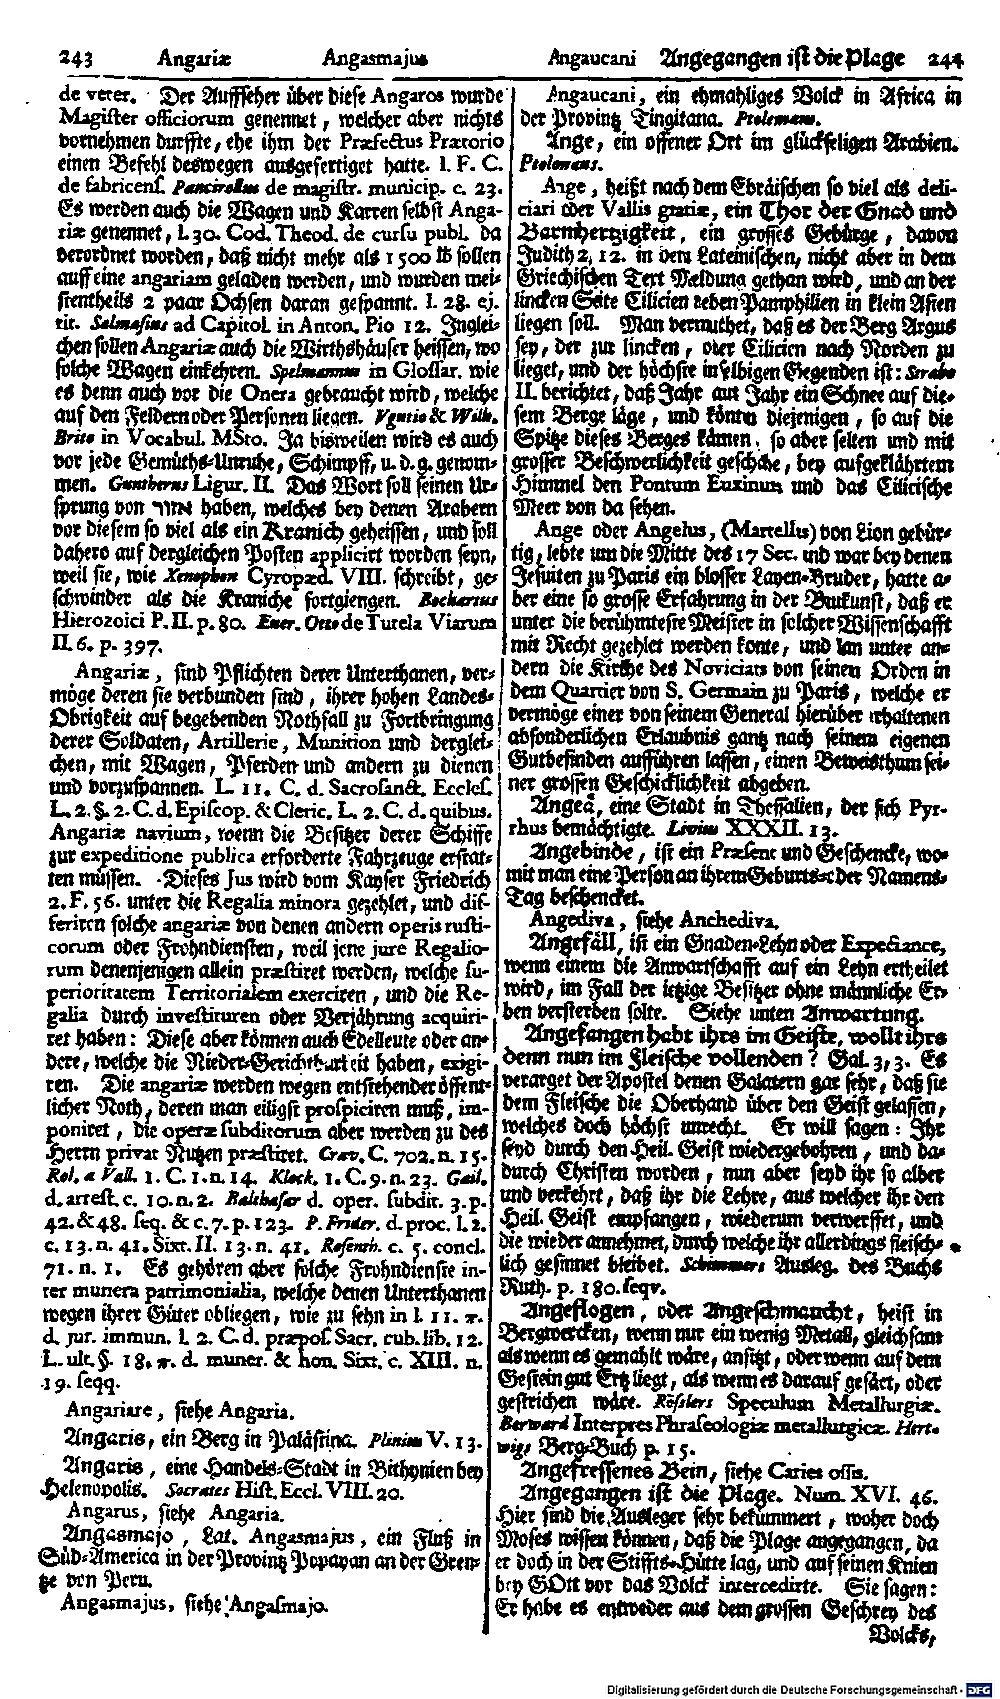 Bd. 2, Seite 0137.